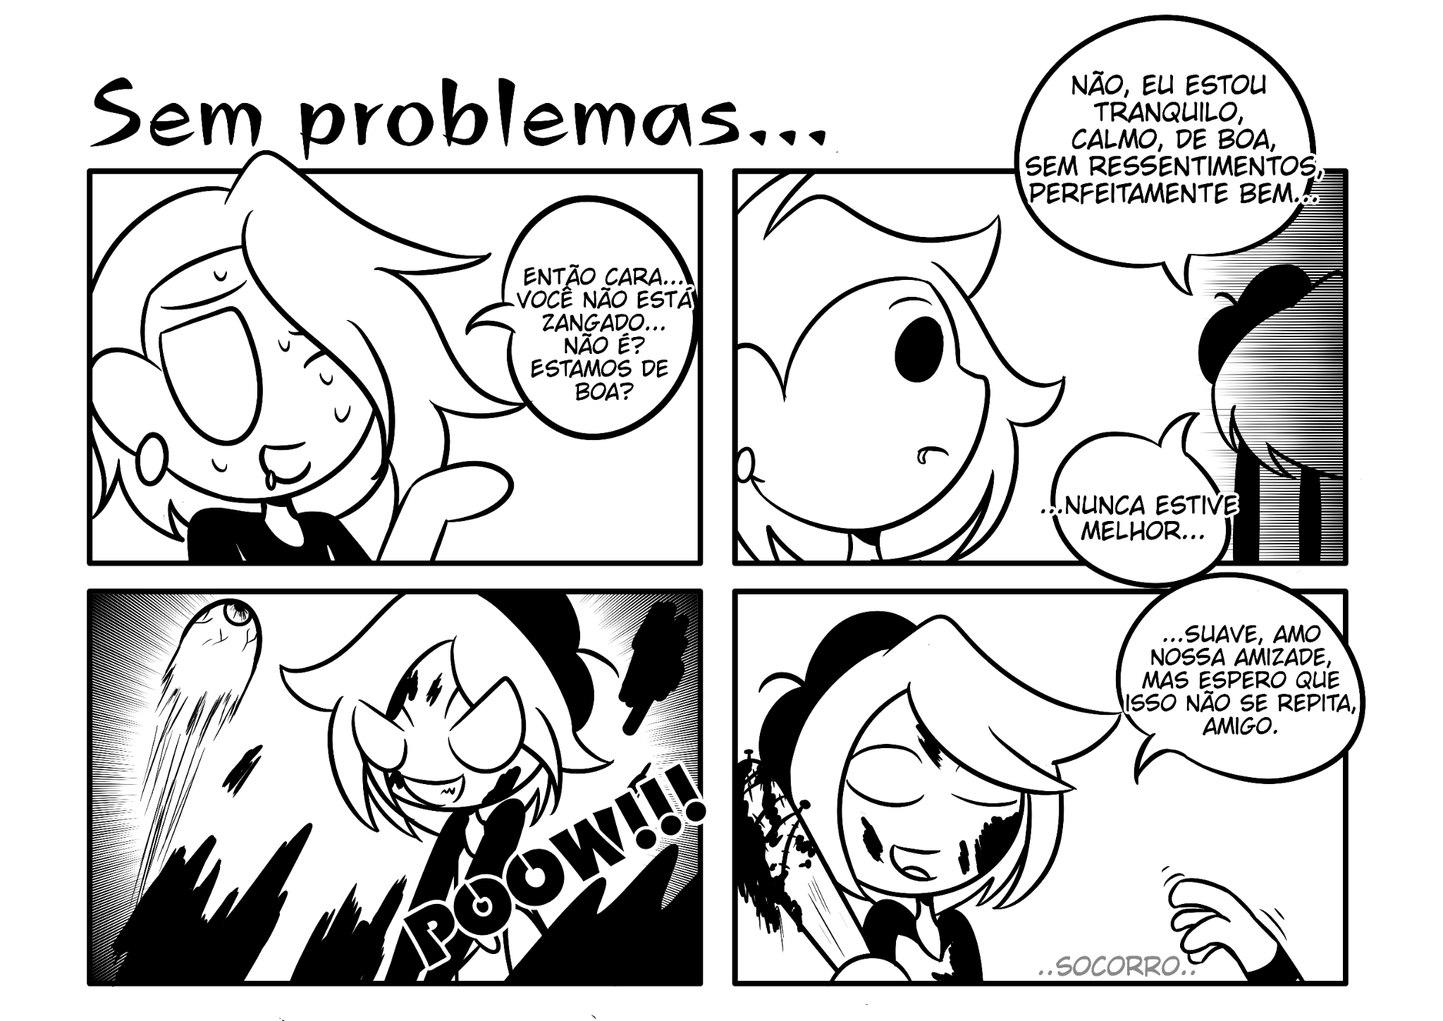 Sem problemas - meme